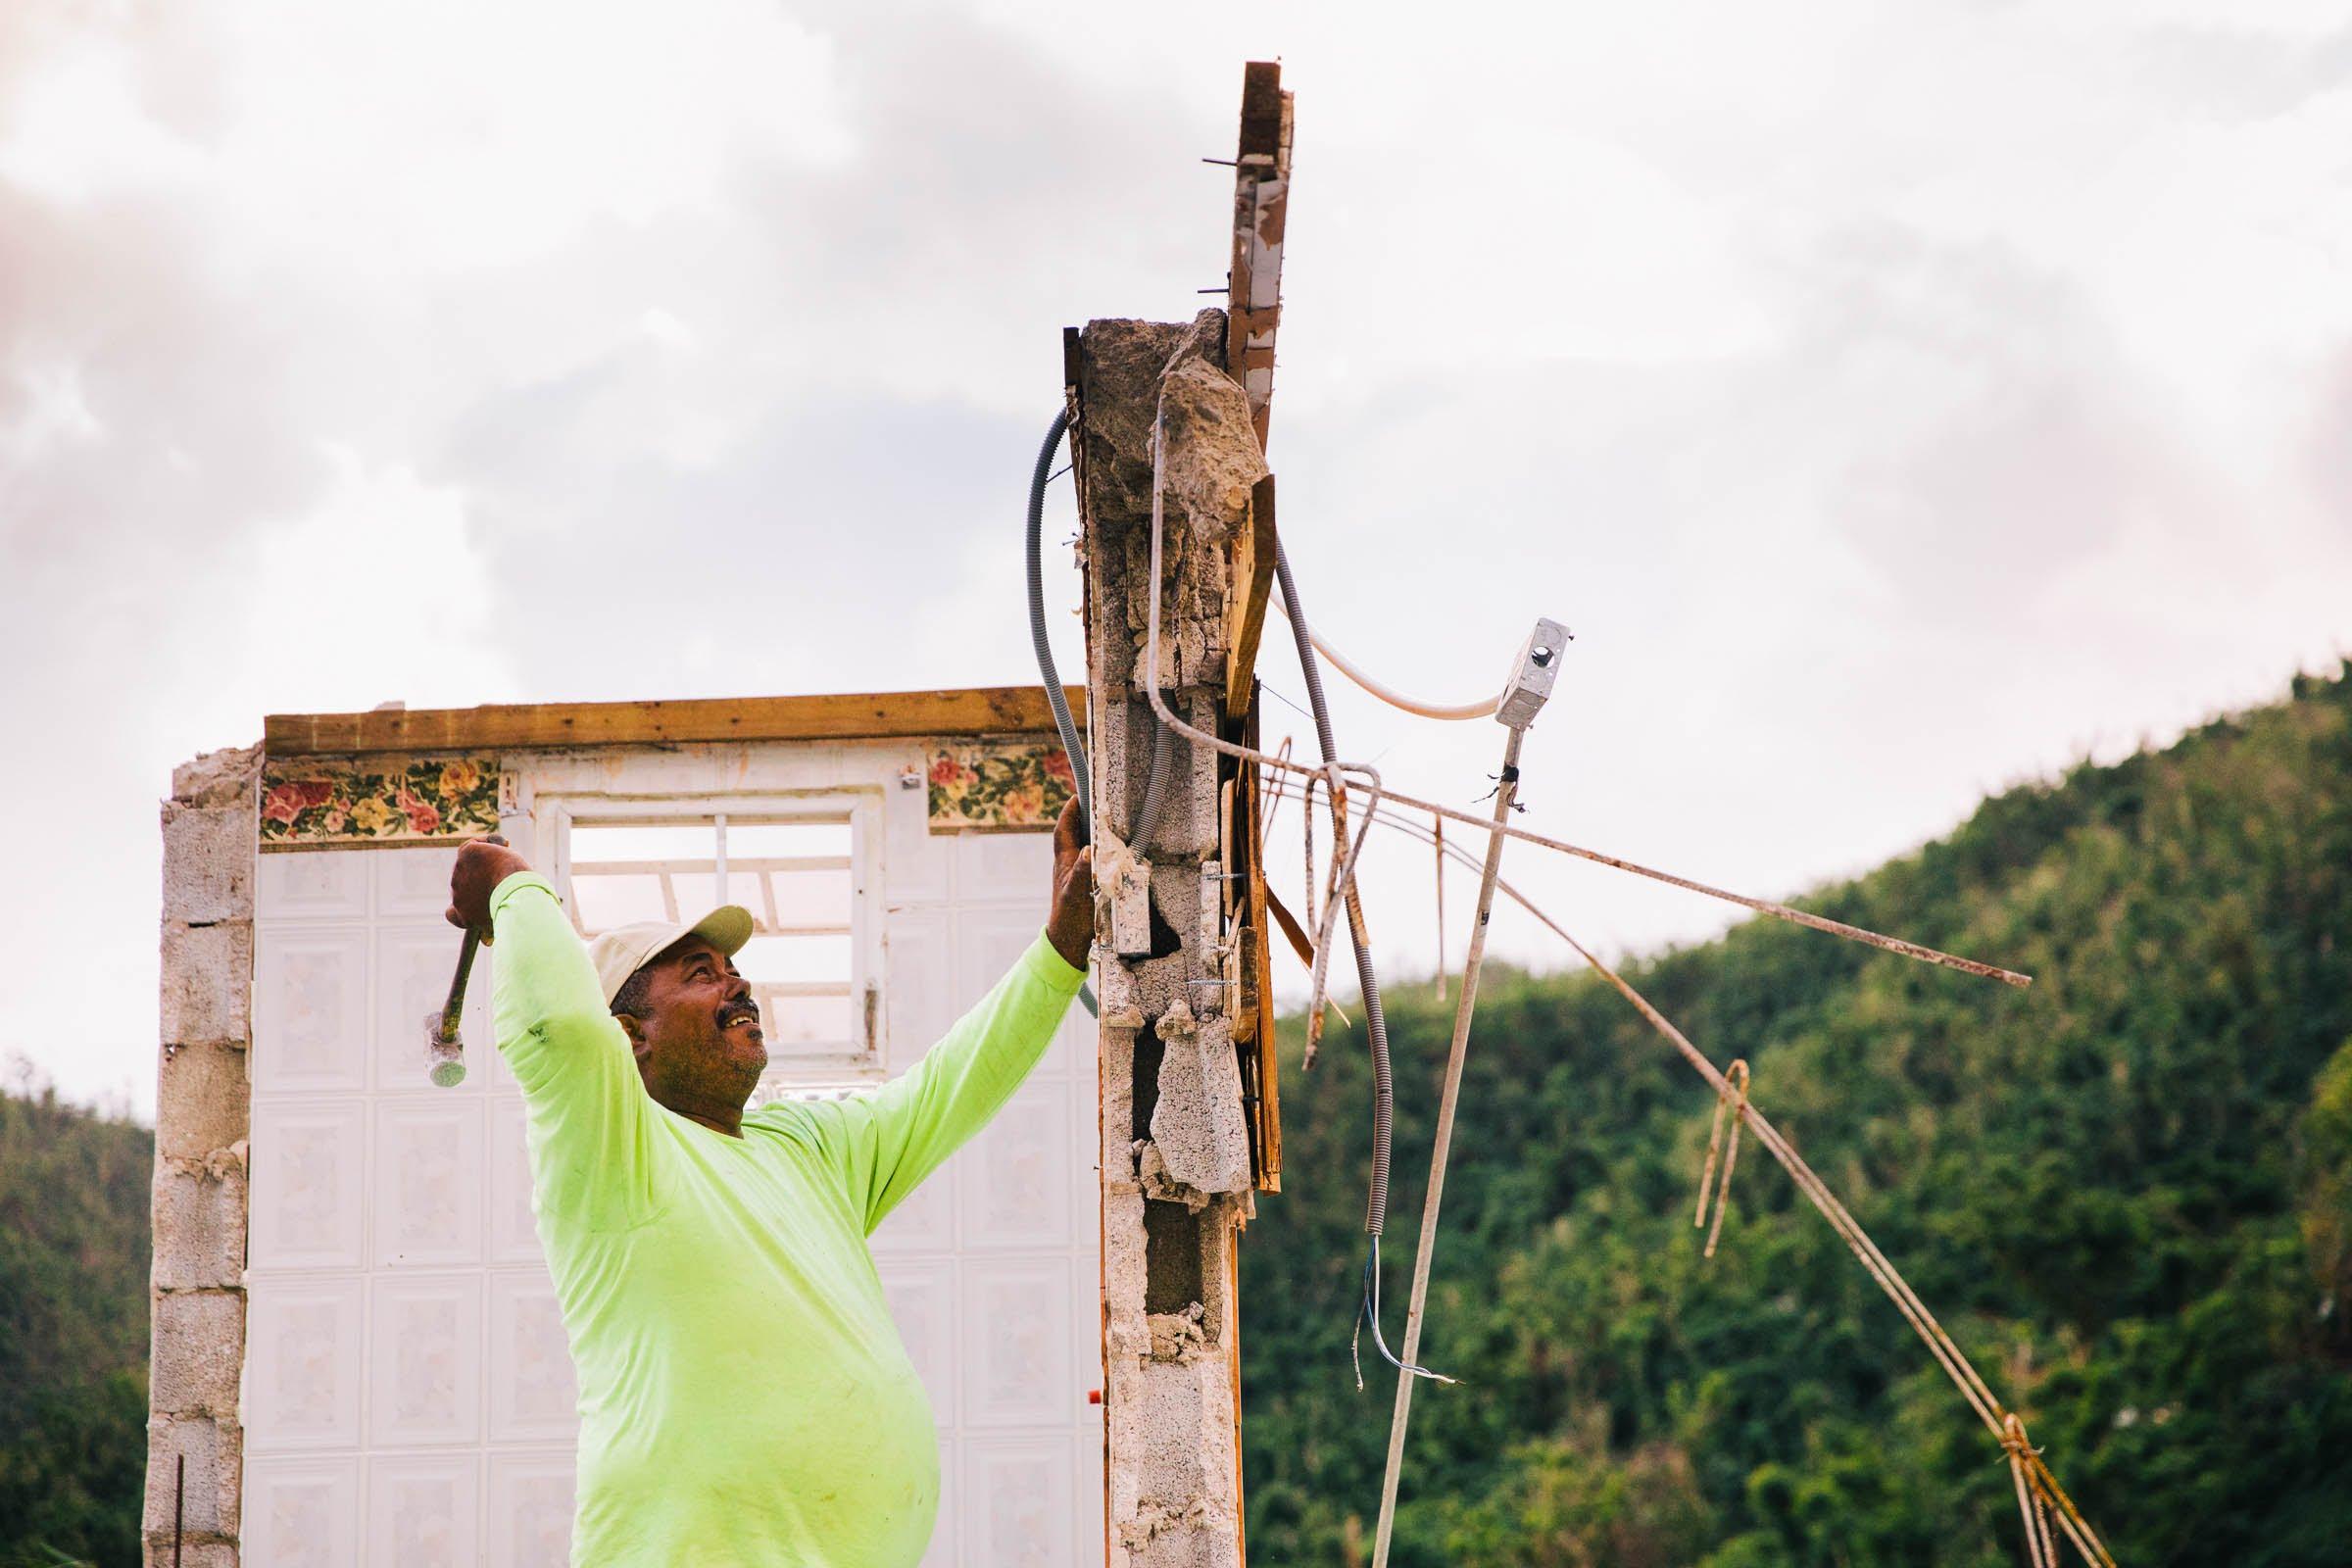 Pedro Luis Ortiz construyó su casa en Arroyo, Puerto Rico, hace 27 años. El 18 de diciembre de 2017, Ortiz y su familia derribaron lo que quedaba del segundo piso después de que el huracán María tocara tierra en el valle circundante. (Foto de Donnie Hedden para Direct Relief)